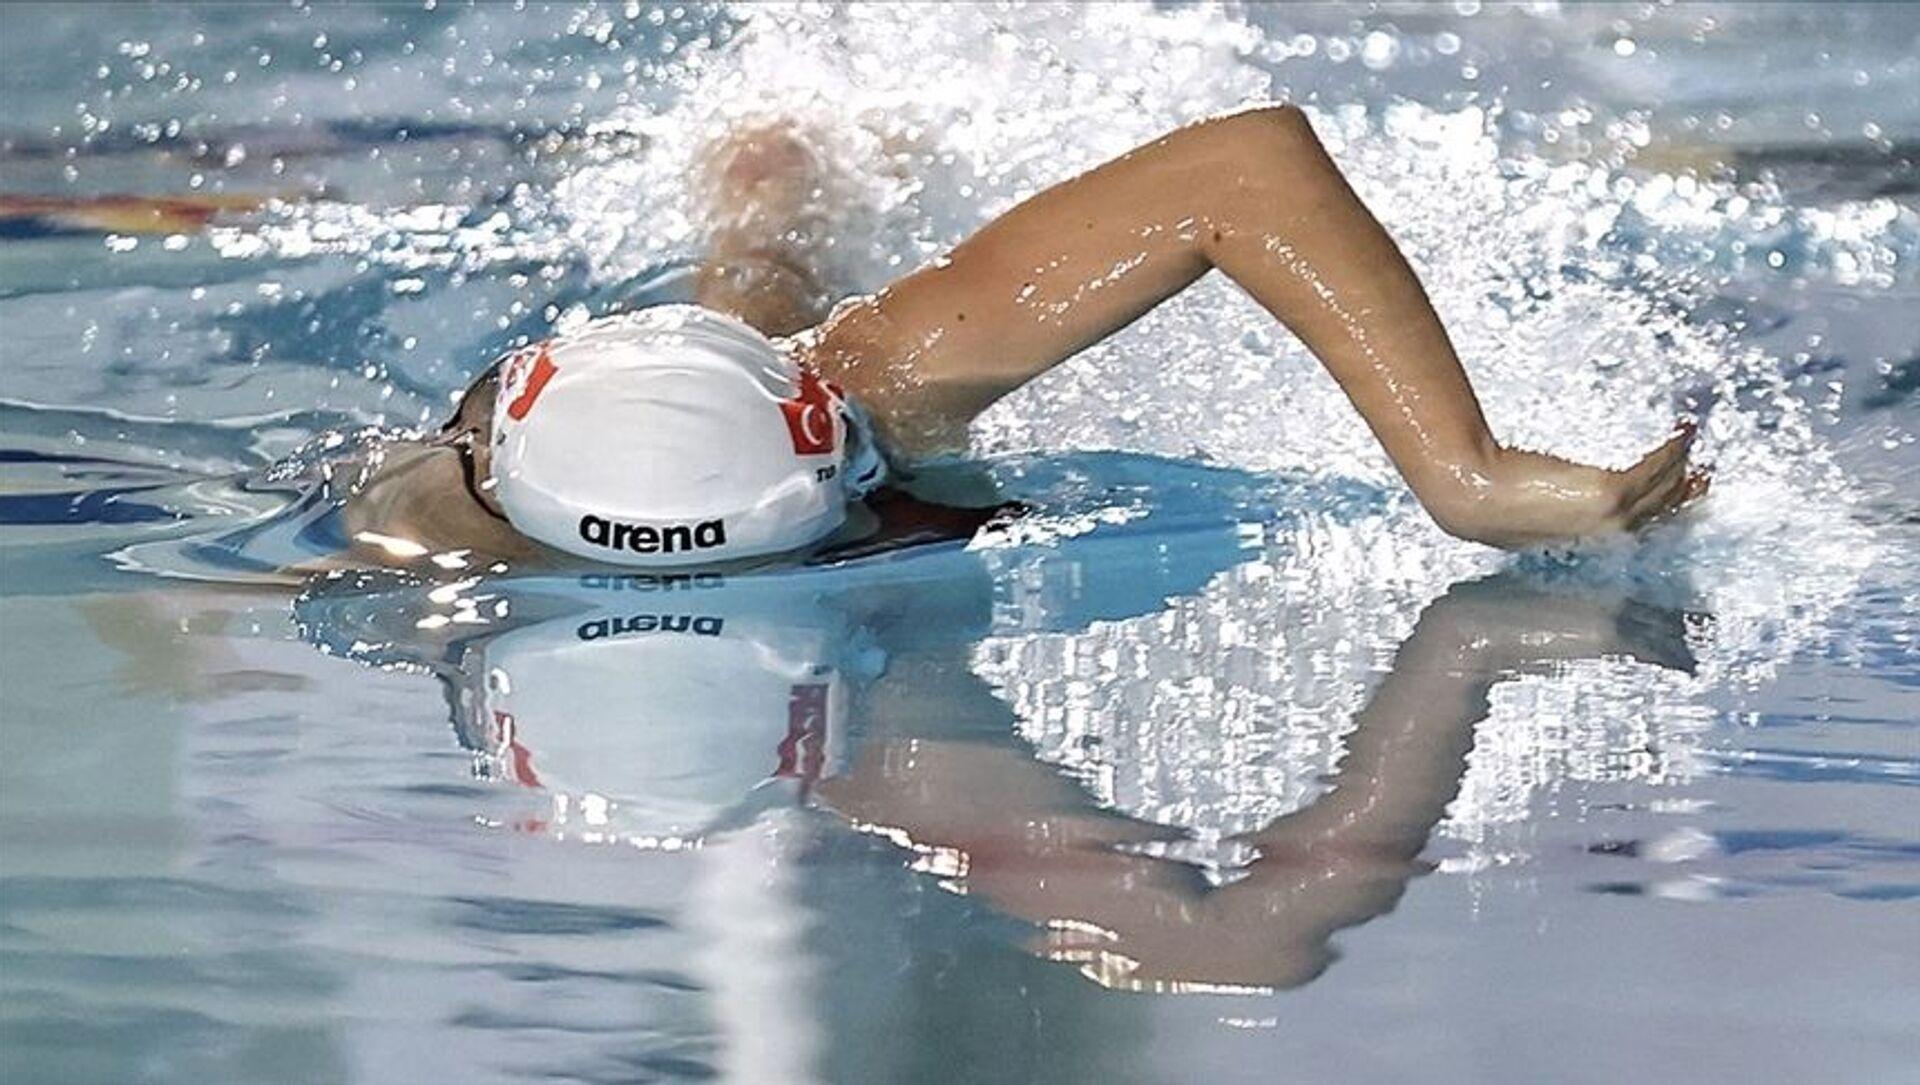 2020 Tokyo Olimpiyat Oyunlarında milli yüzücü Defne Taçyıldız yarı finalde - Sputnik Türkiye, 1920, 27.07.2021